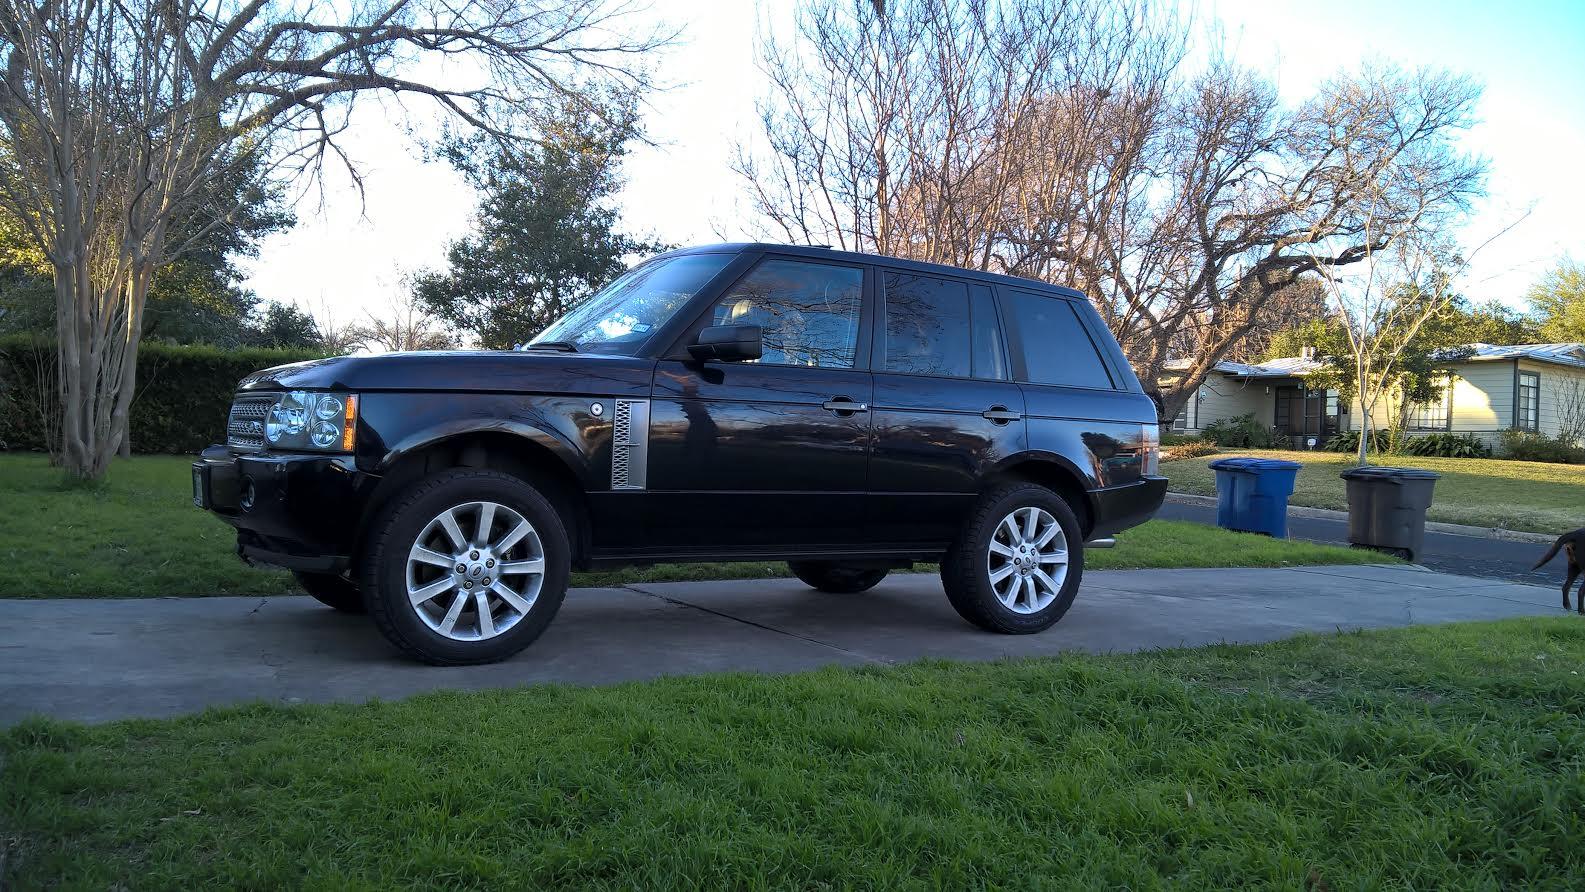 Range Rover L322 (2005-2012) Lift Kit-ralph-herman-l322-285-50-20-cooper-discoverer-atp.jpg